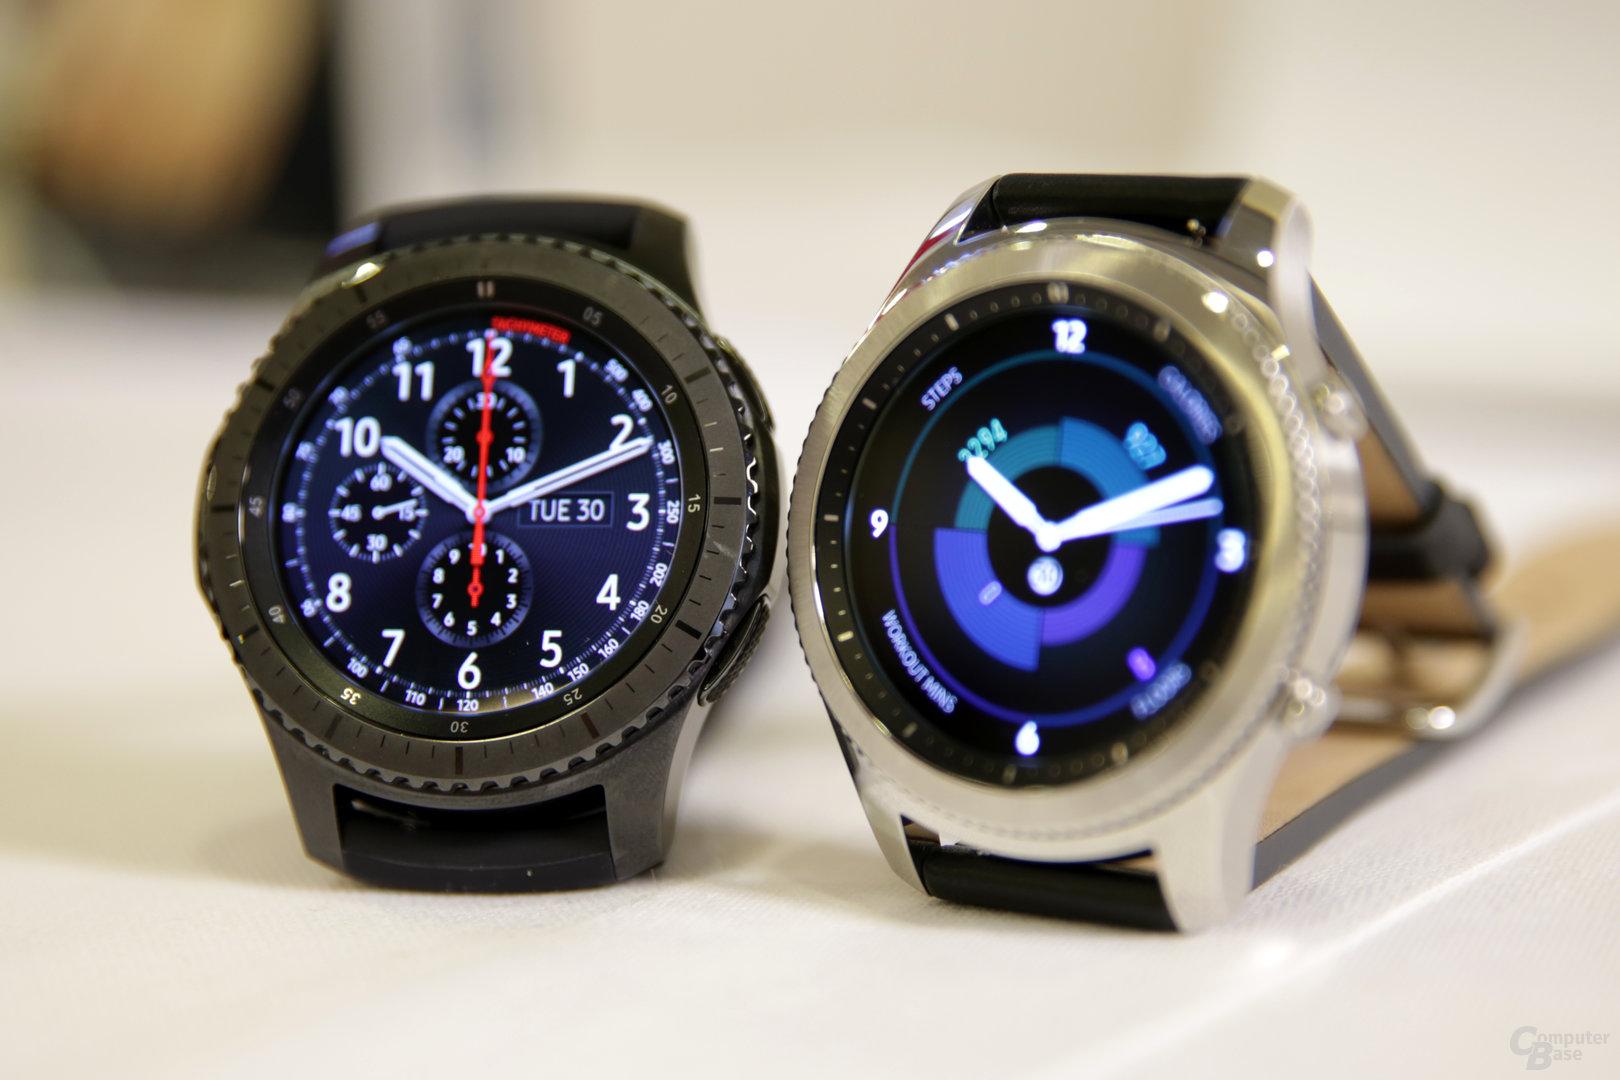 Samsung Gear S3 Frontier (links) und Gear S3 Classic